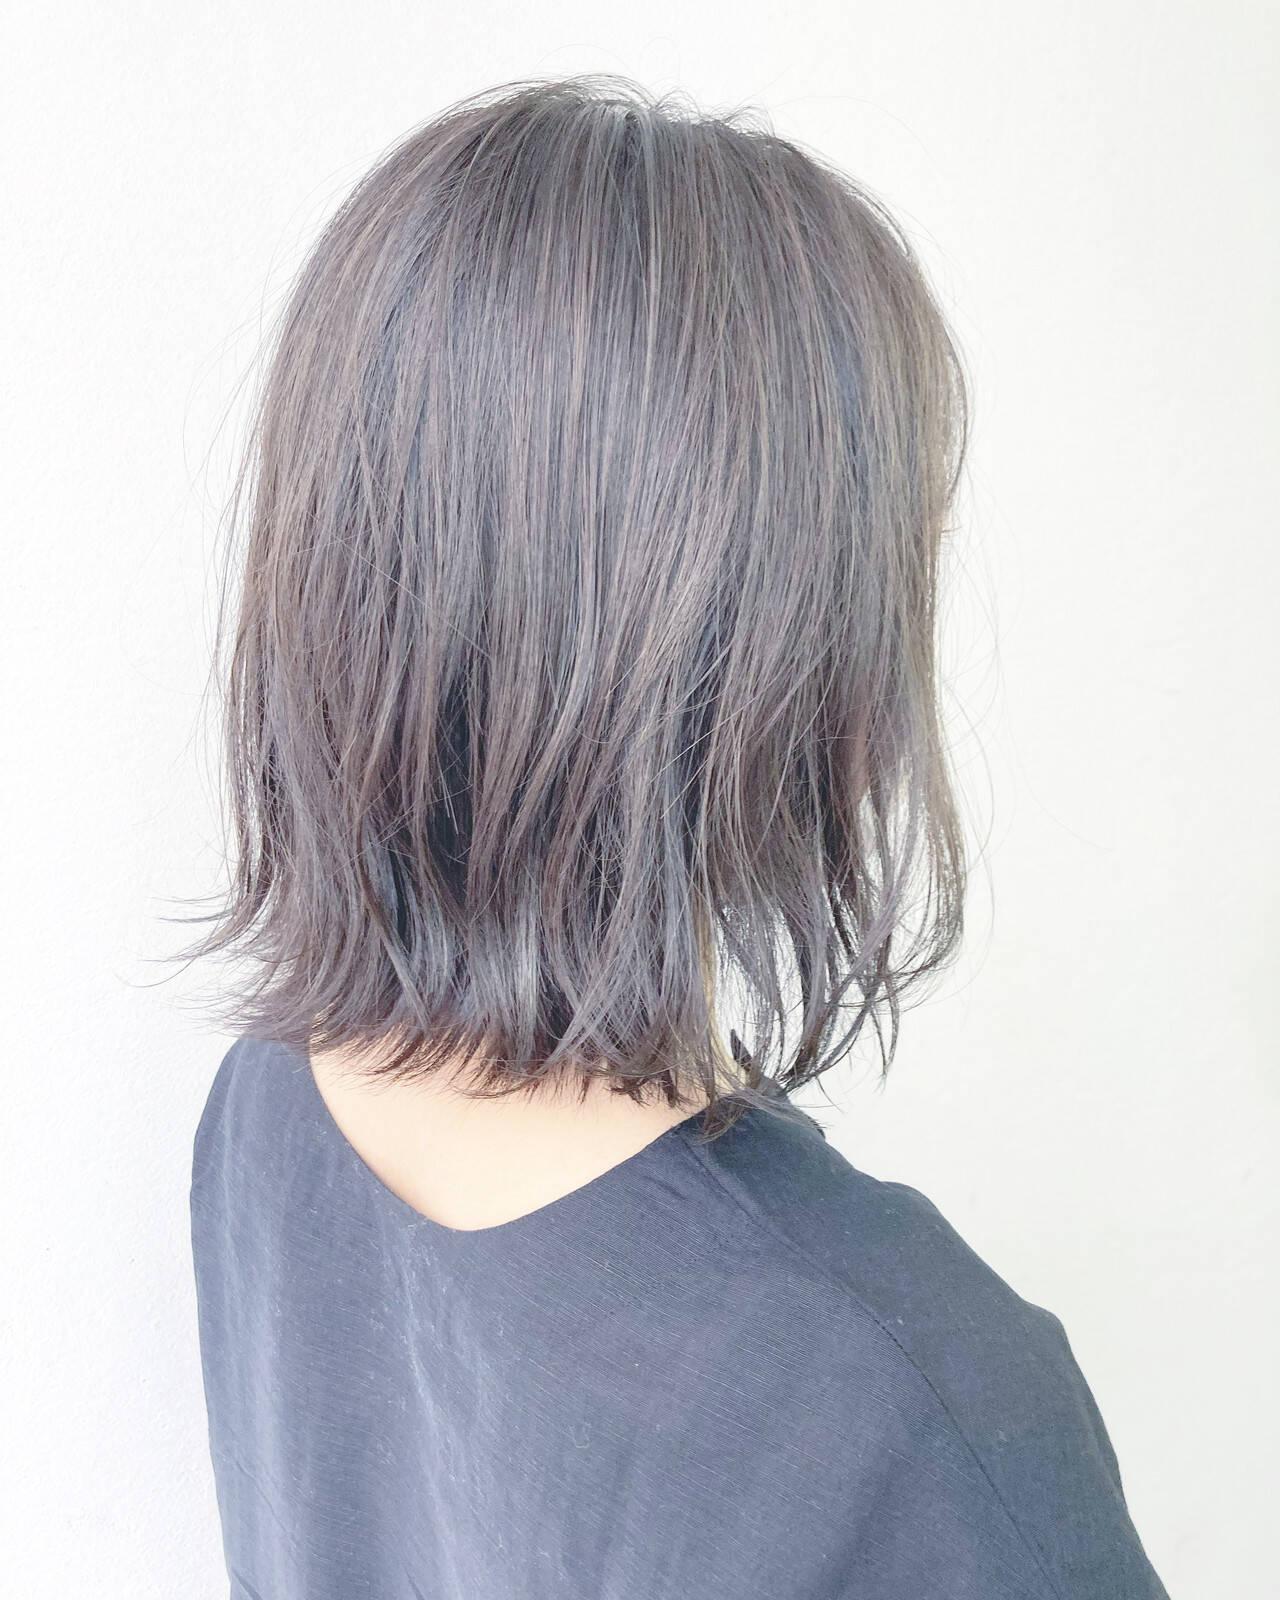 ナチュラル ミディアム 前髪 透明感カラーヘアスタイルや髪型の写真・画像